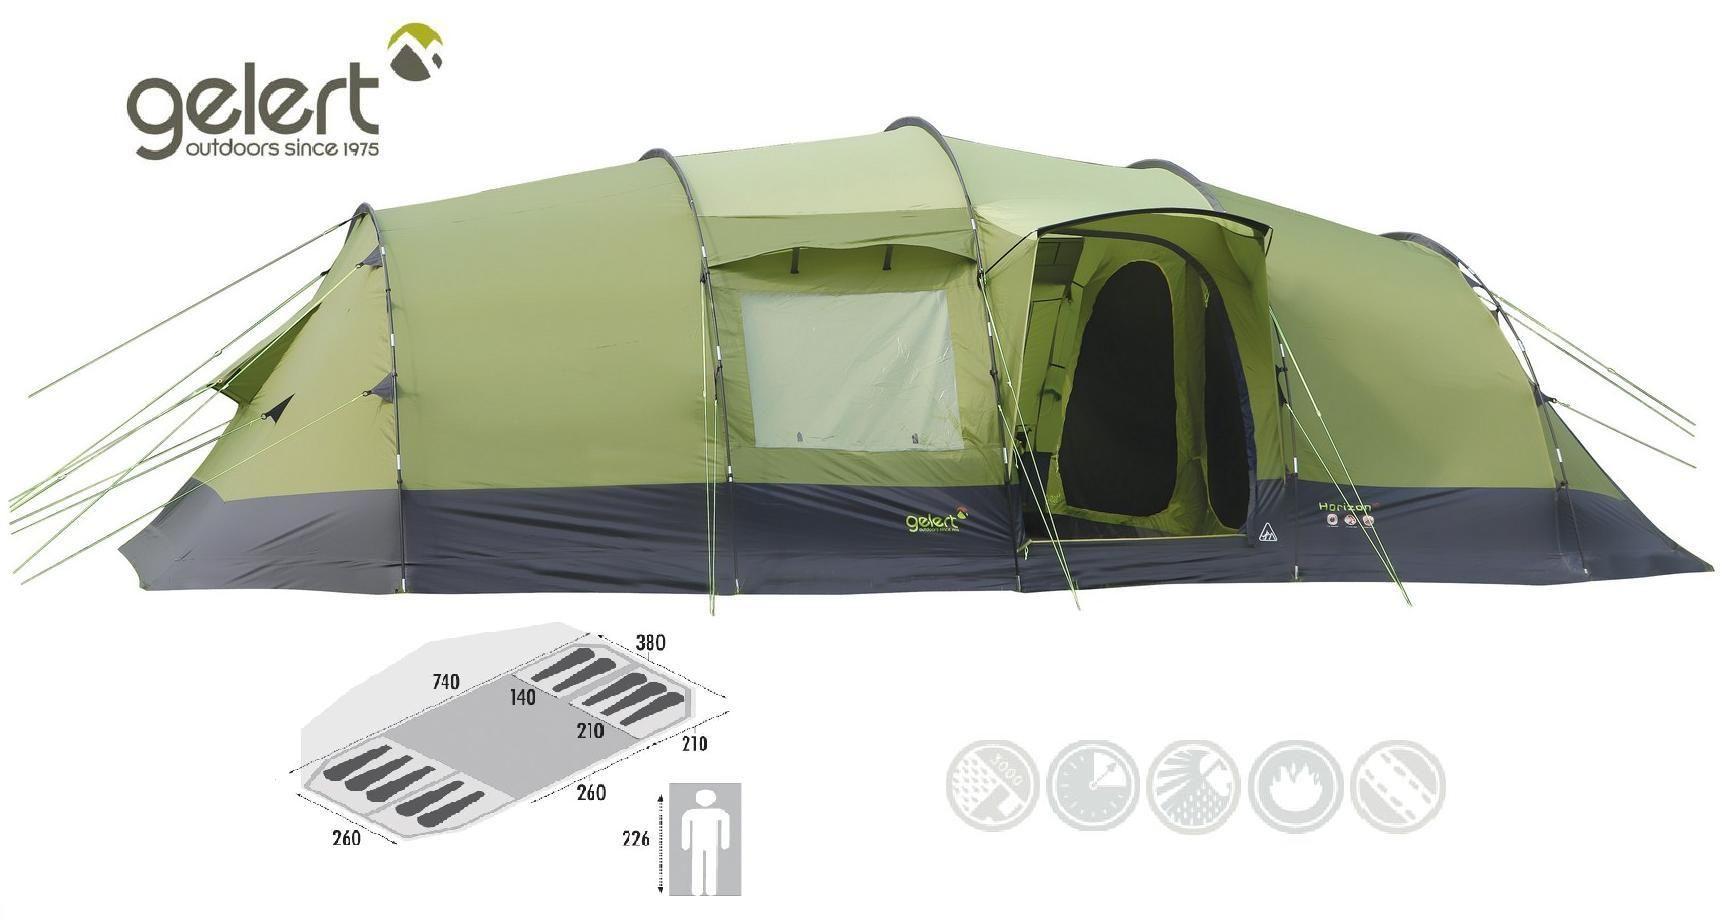 Gelert horizon 10 man family c&ing tent festival weekend tent 10 berth tent  sc 1 st  Pinterest & Gelert horizon 10 man family camping tent festival weekend tent 10 ...